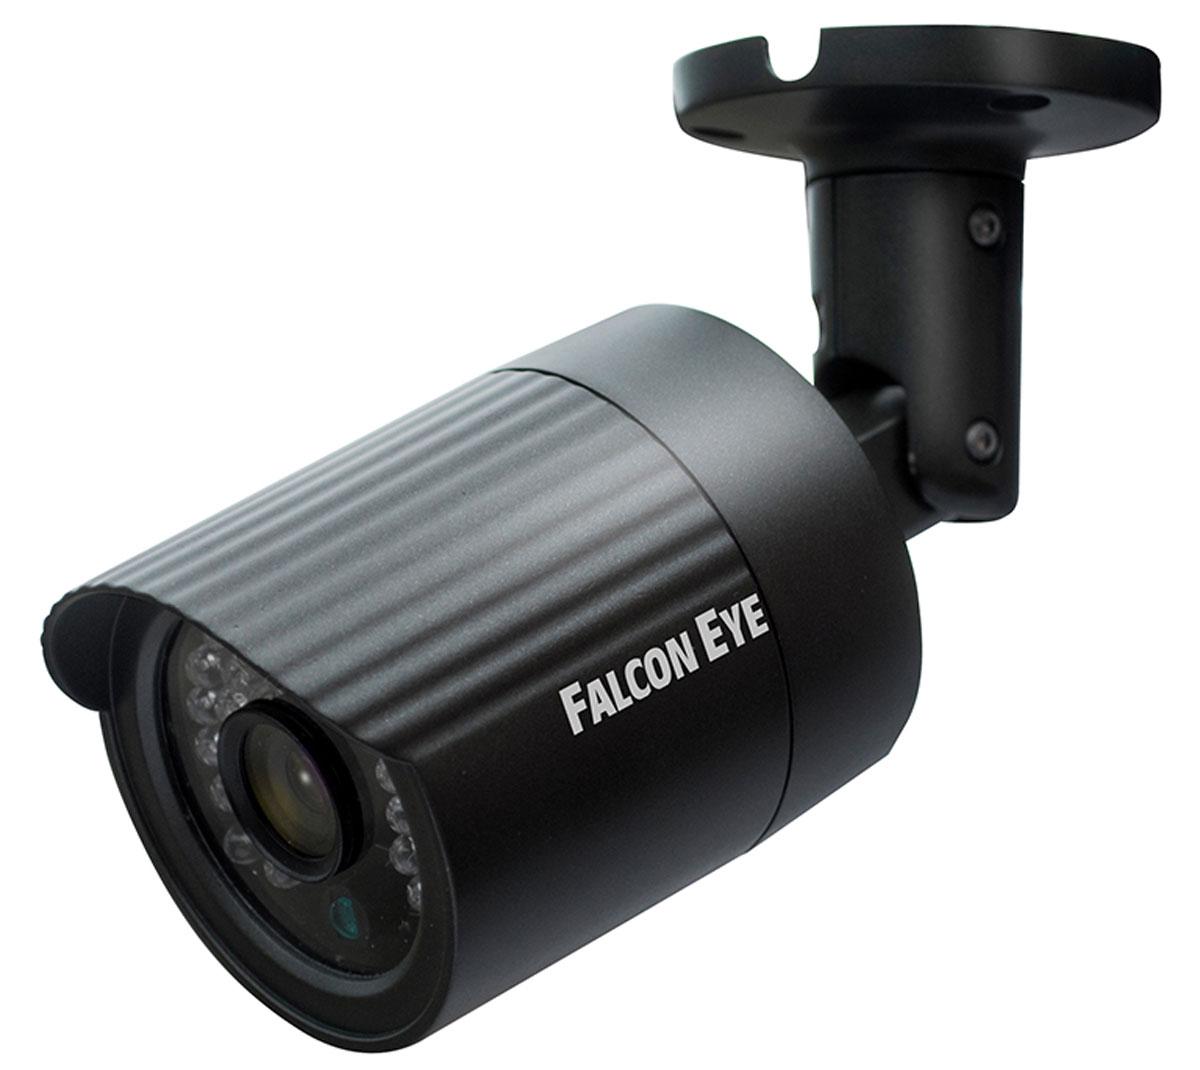 Falcon Eye FE-IPC-BL200P уличная IP-камераFE-IPC-BL200PУличная двухмегапиксельная сетевая видеокамера Falcon Eye FE-IPC-BL200P выполнена на CMOS матрице 1/2.8 Sony CMOS с разрешением 2,43 мегапикселя. На камере установлен пятимегапиксельный объектив с фиксированным фокусным расстоянием 3,6 мм. Камера выполнена в миниатюрном металлическом корпусе и способна выдавать в сеть видео поток с разрешением 1920х1080Р. Возможность работать по Poe и аналоговый видеовыход являются дополнительным бонусом в этой модели. Скорость затвора: 1/25 - 1/10000 День/Ночь: Авто/Ч/Б/Цвет/Внешняя подсветка Функции: DWDR, Mirror, 3D NR, настройки изображения Разрешение: 1920 х 1080 пикс Видео битрейт: 16Kbps-8000Kbps Поддержка платформ IOS, Android Потребляемая мощность: менее 6 Вт